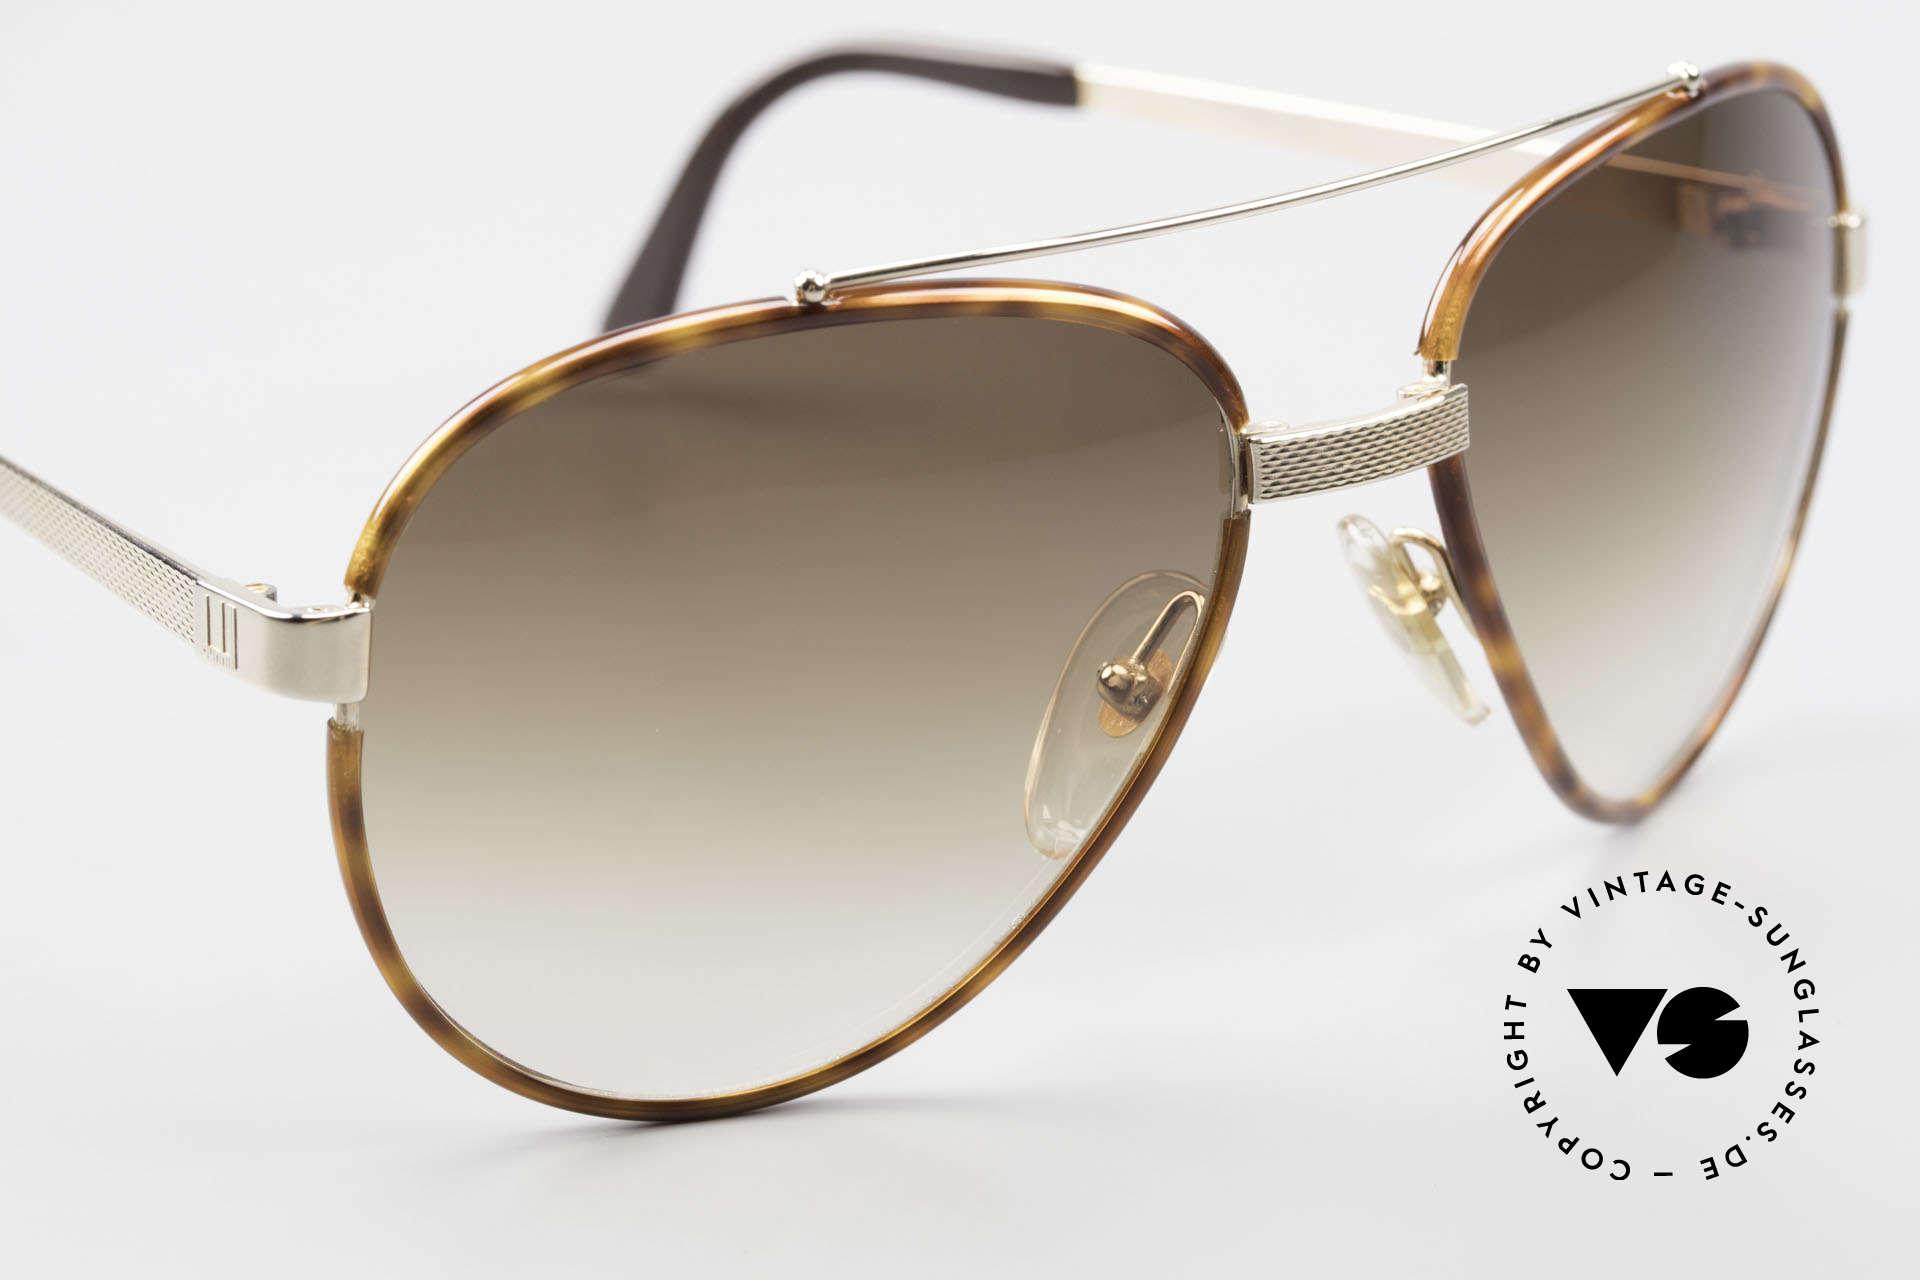 Dunhill 6023 80's Sunglasses Luxury Aviator, NO RETRO, but a precious 35 years old original, Made for Men